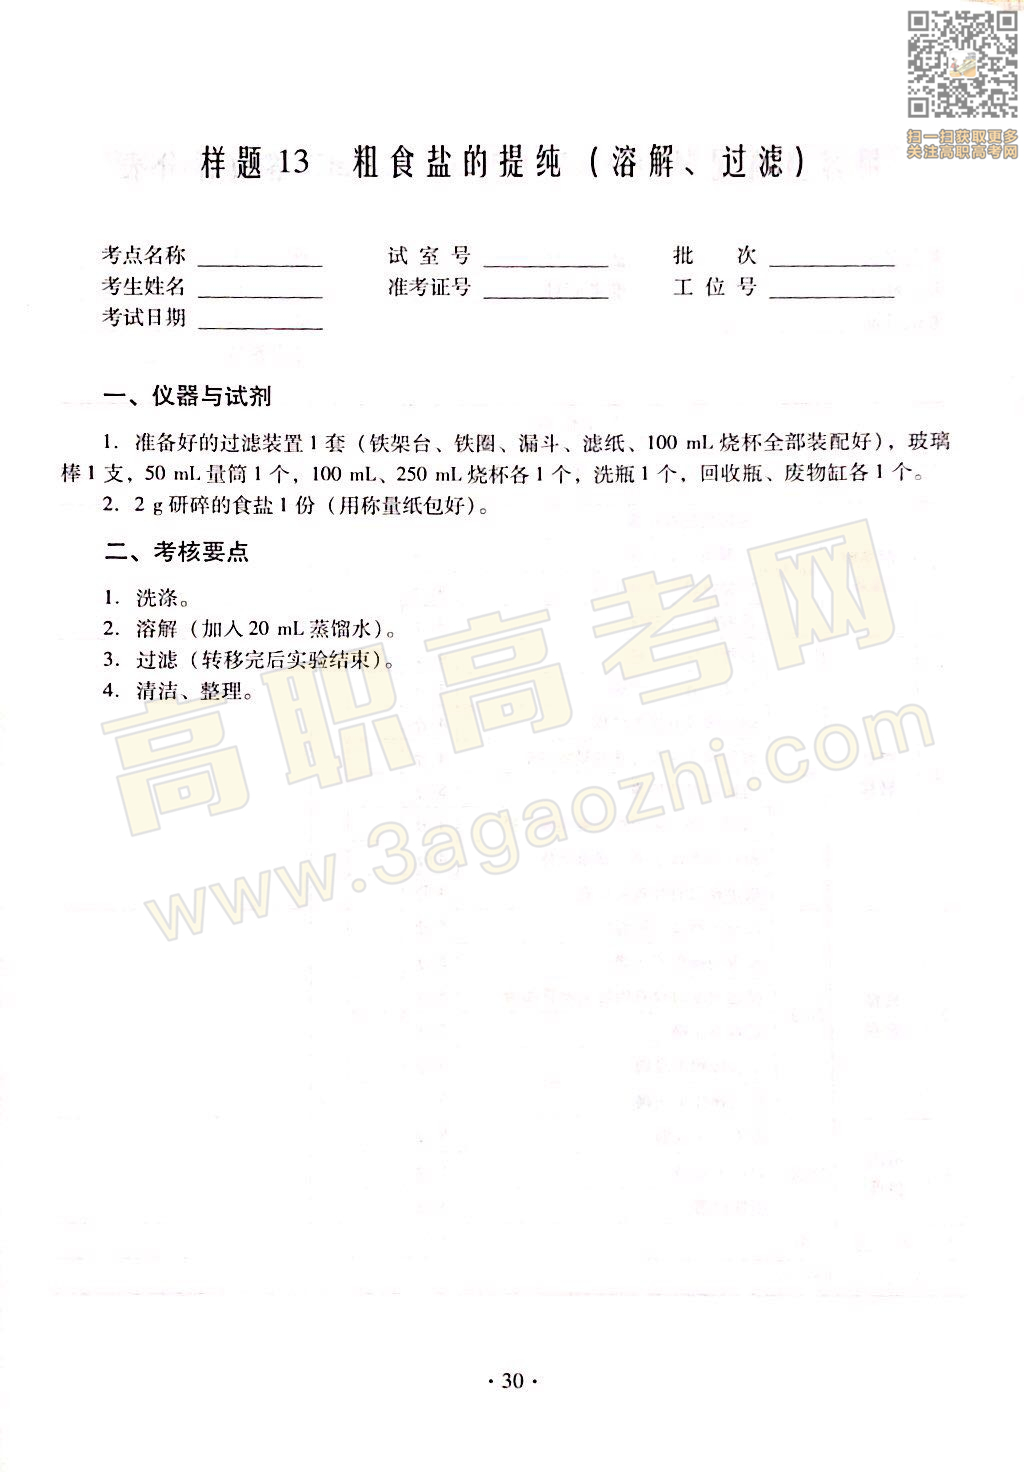 化学证书,2020年广东中职技能课程考试大纲及样题